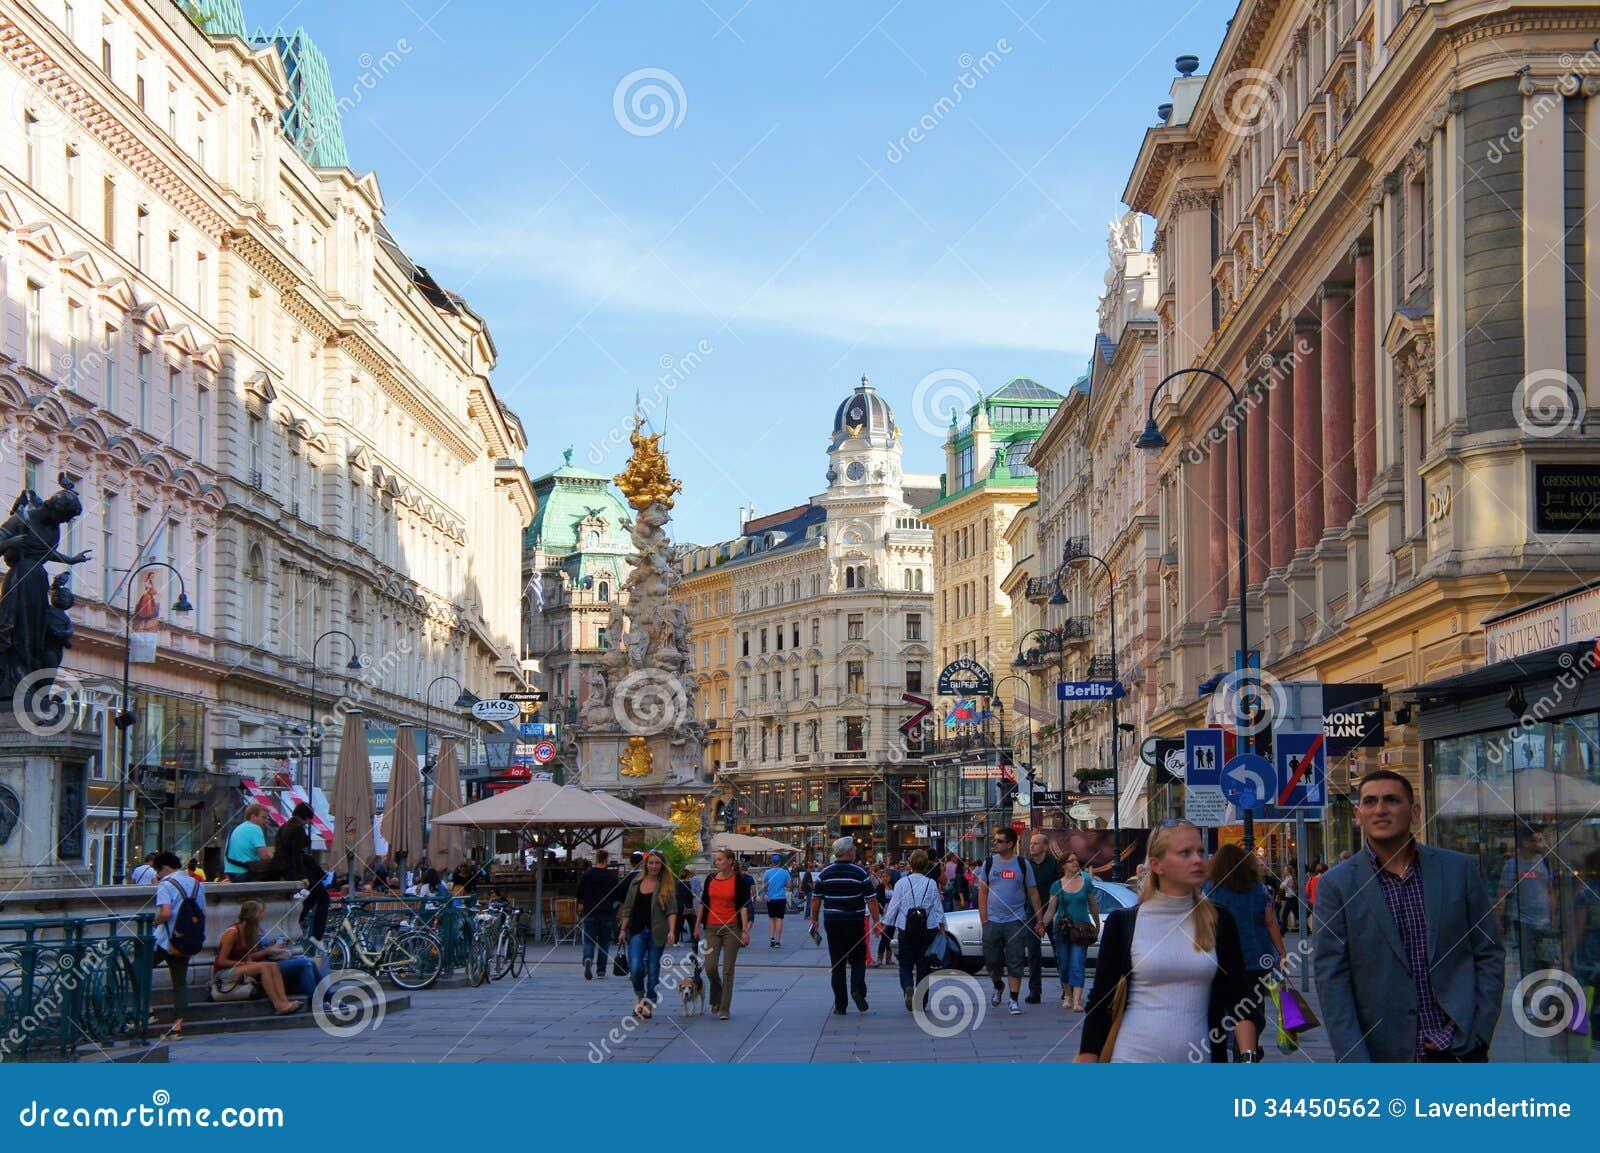 Graben Street View Vienna Austria Editorial Photography